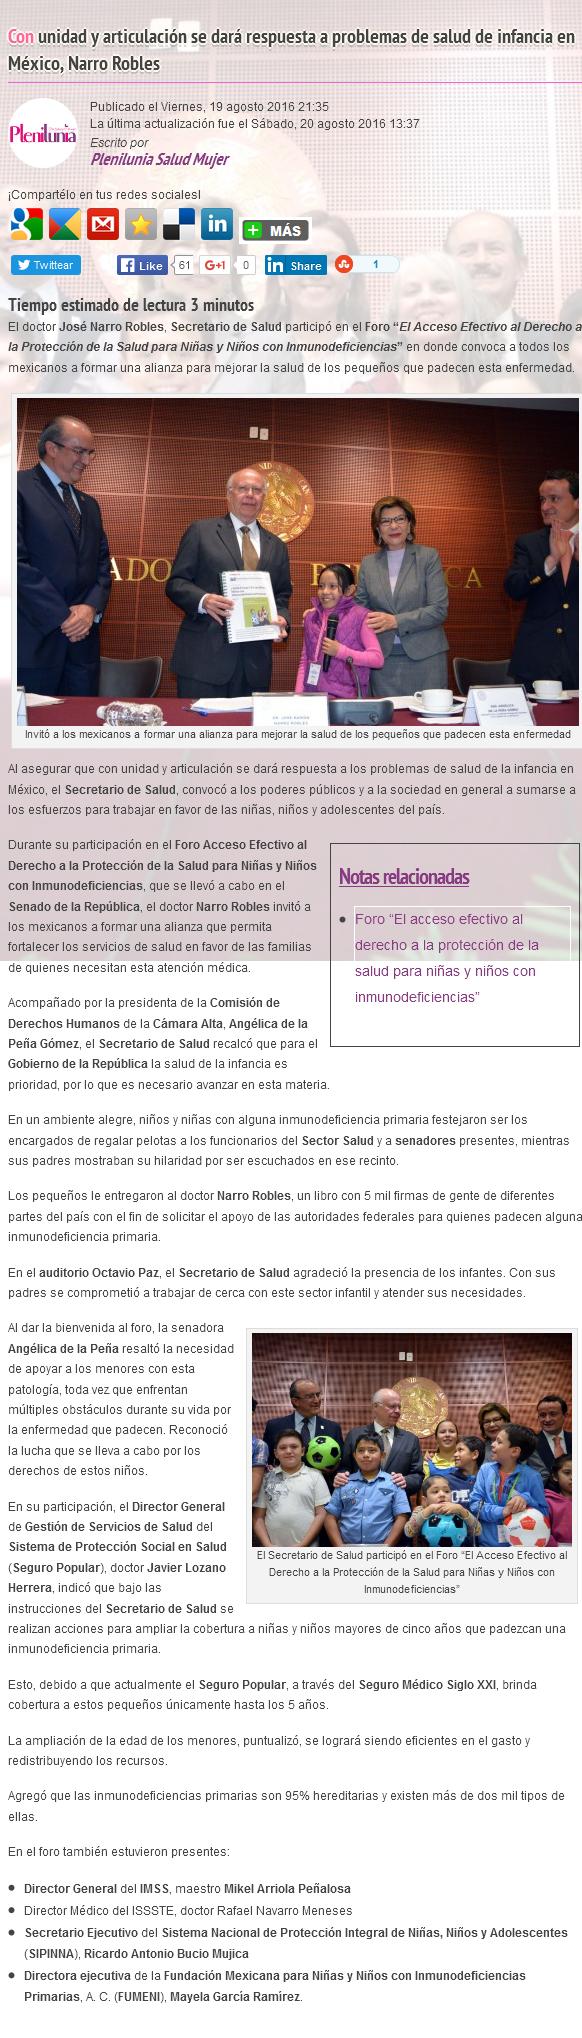 screenshot-plenilunia com 2016-08-23 18-50-24